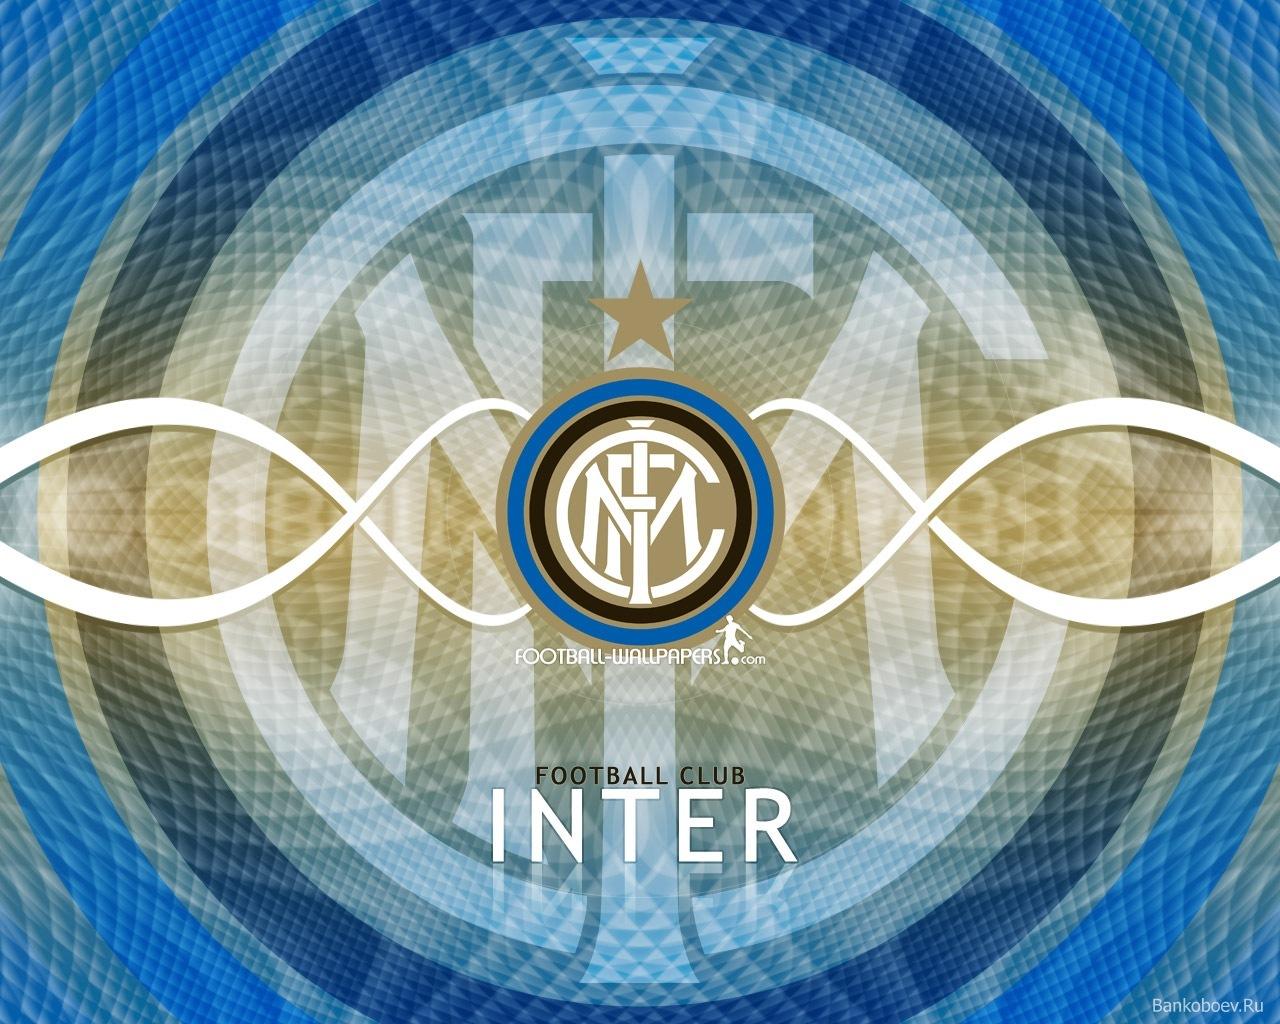 10827 Заставки и Обои Футбол на телефон. Скачать Футбол, Спорт, Логотипы, Интер (Inter) картинки бесплатно